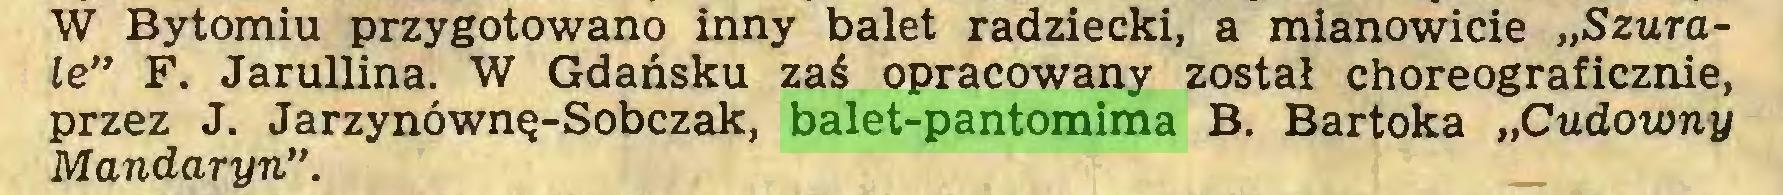 """(...) W Bytomiu przygotowano inny balet radziecki, a mianowicie """"Szurale"""" F. Jarullina. W Gdańsku zaś opracowany został choreograficznie, przez J. Jarzynównę-Sobczak, balet-pantomima B. Bartoka """"Cudowny Mandaryn""""..."""